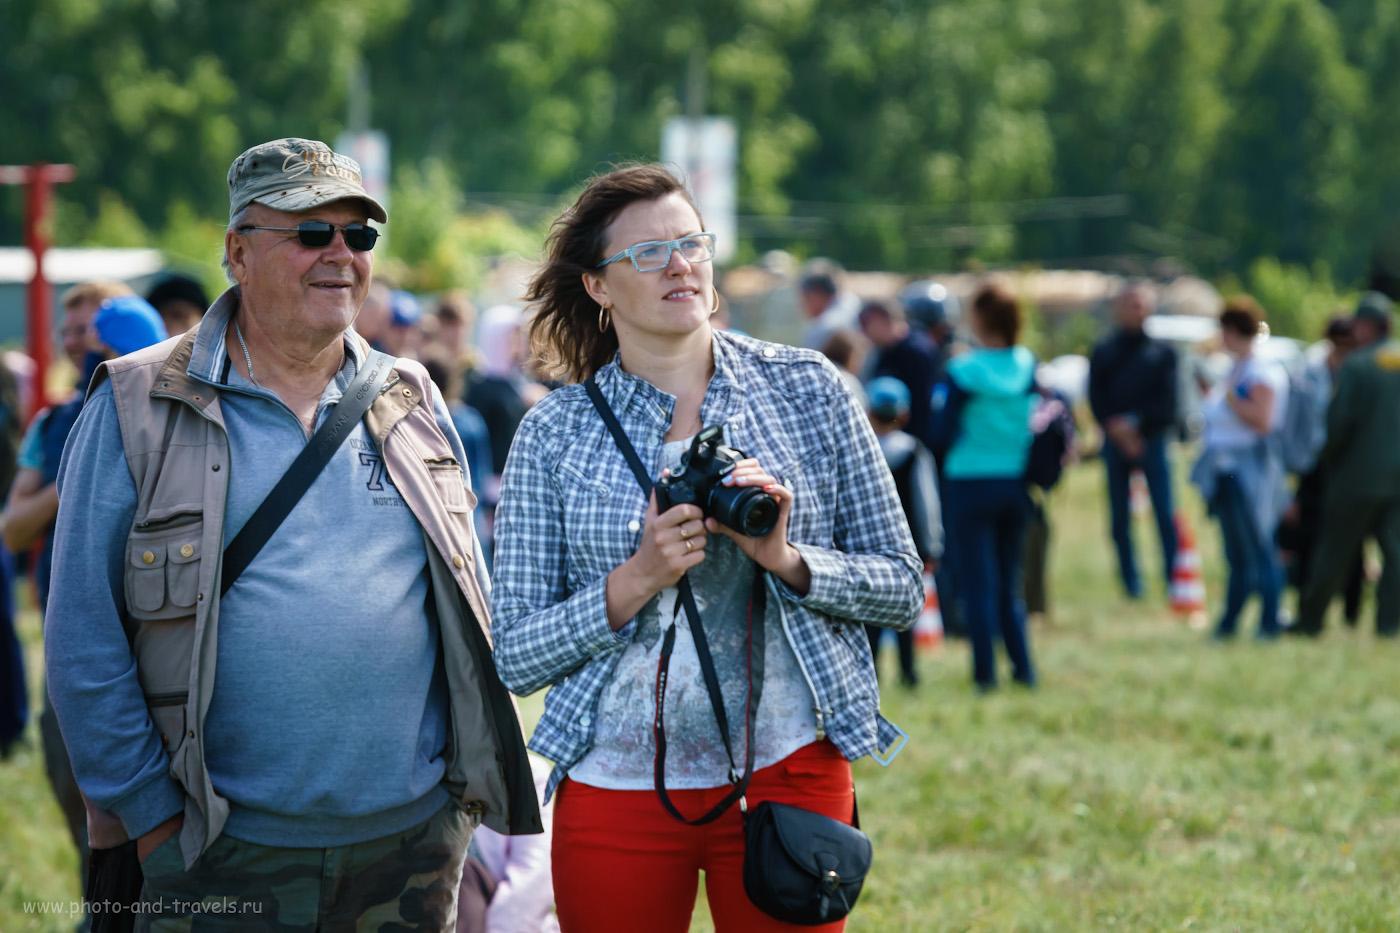 Фотография 2. Съемка портретов на камеру Сони А6000 + телеобъектив Никон 70-200/2.8. Можно ли фотографировать на беззеркалку с ручным фокусом? 1/1000, ISO 500.